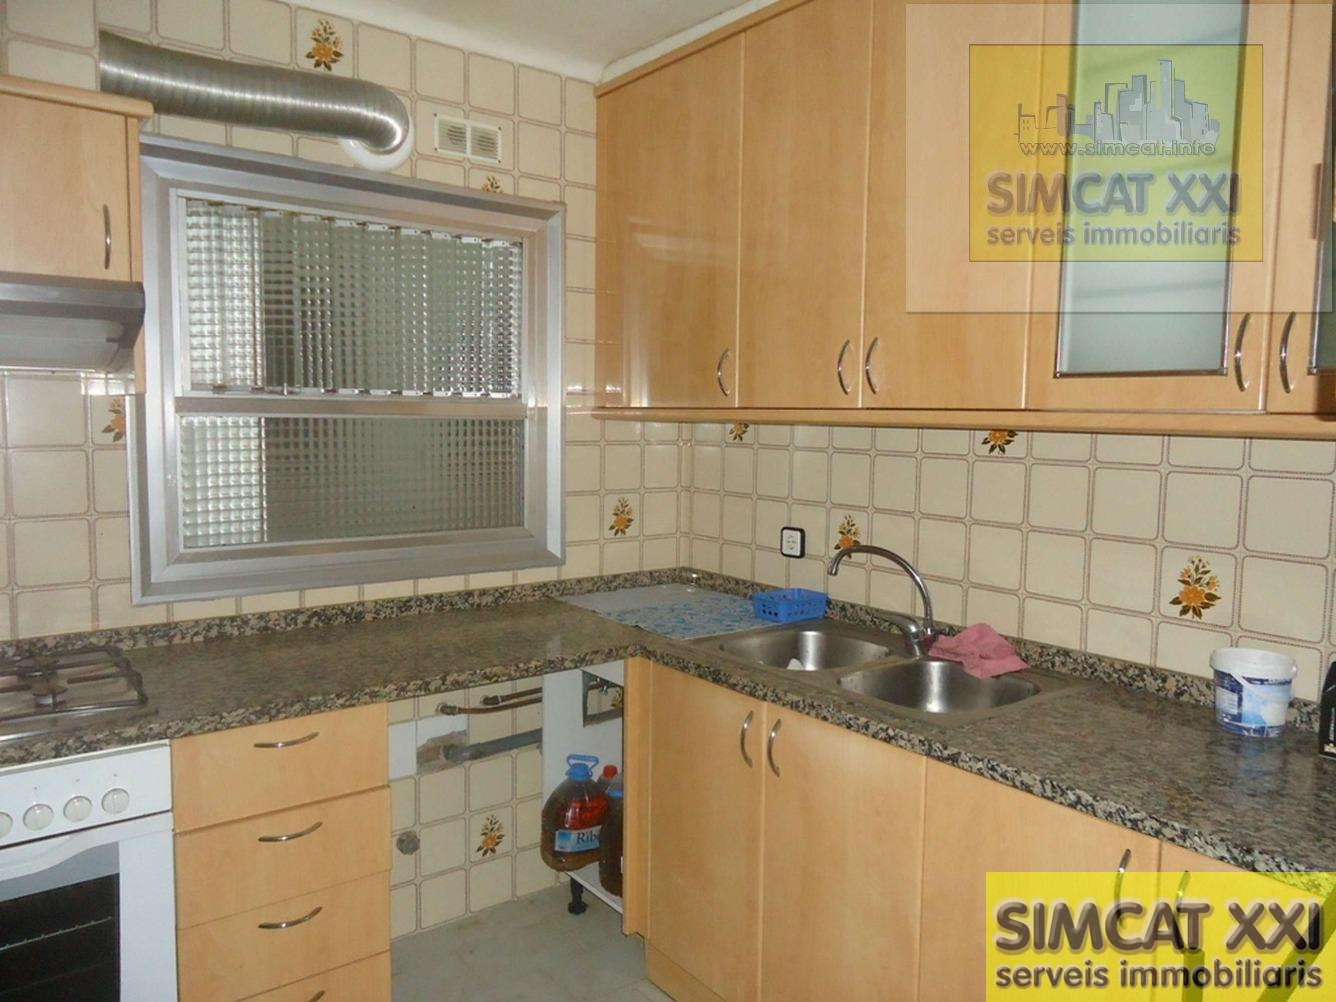 Vente de appartement dans Figueres